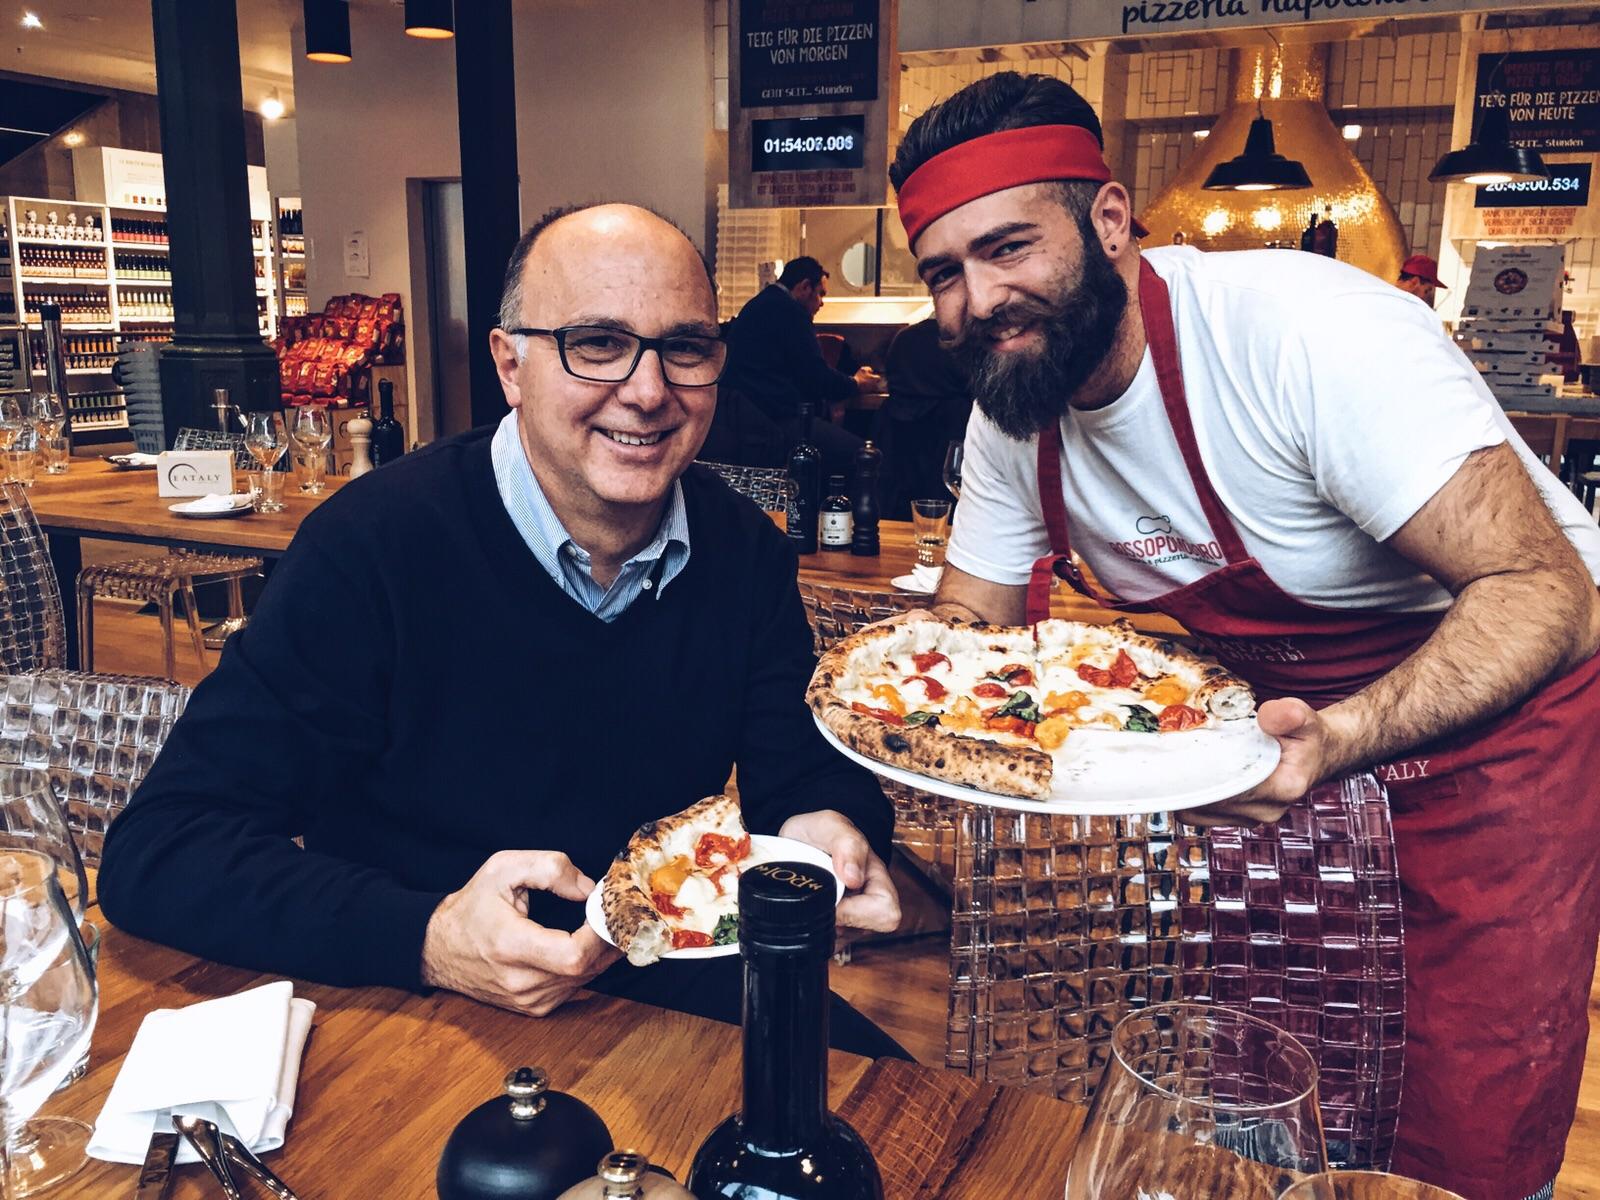 La vera pizza napoletana sbarca in germania a monaco - La finestra di fronte andrea guerra ...